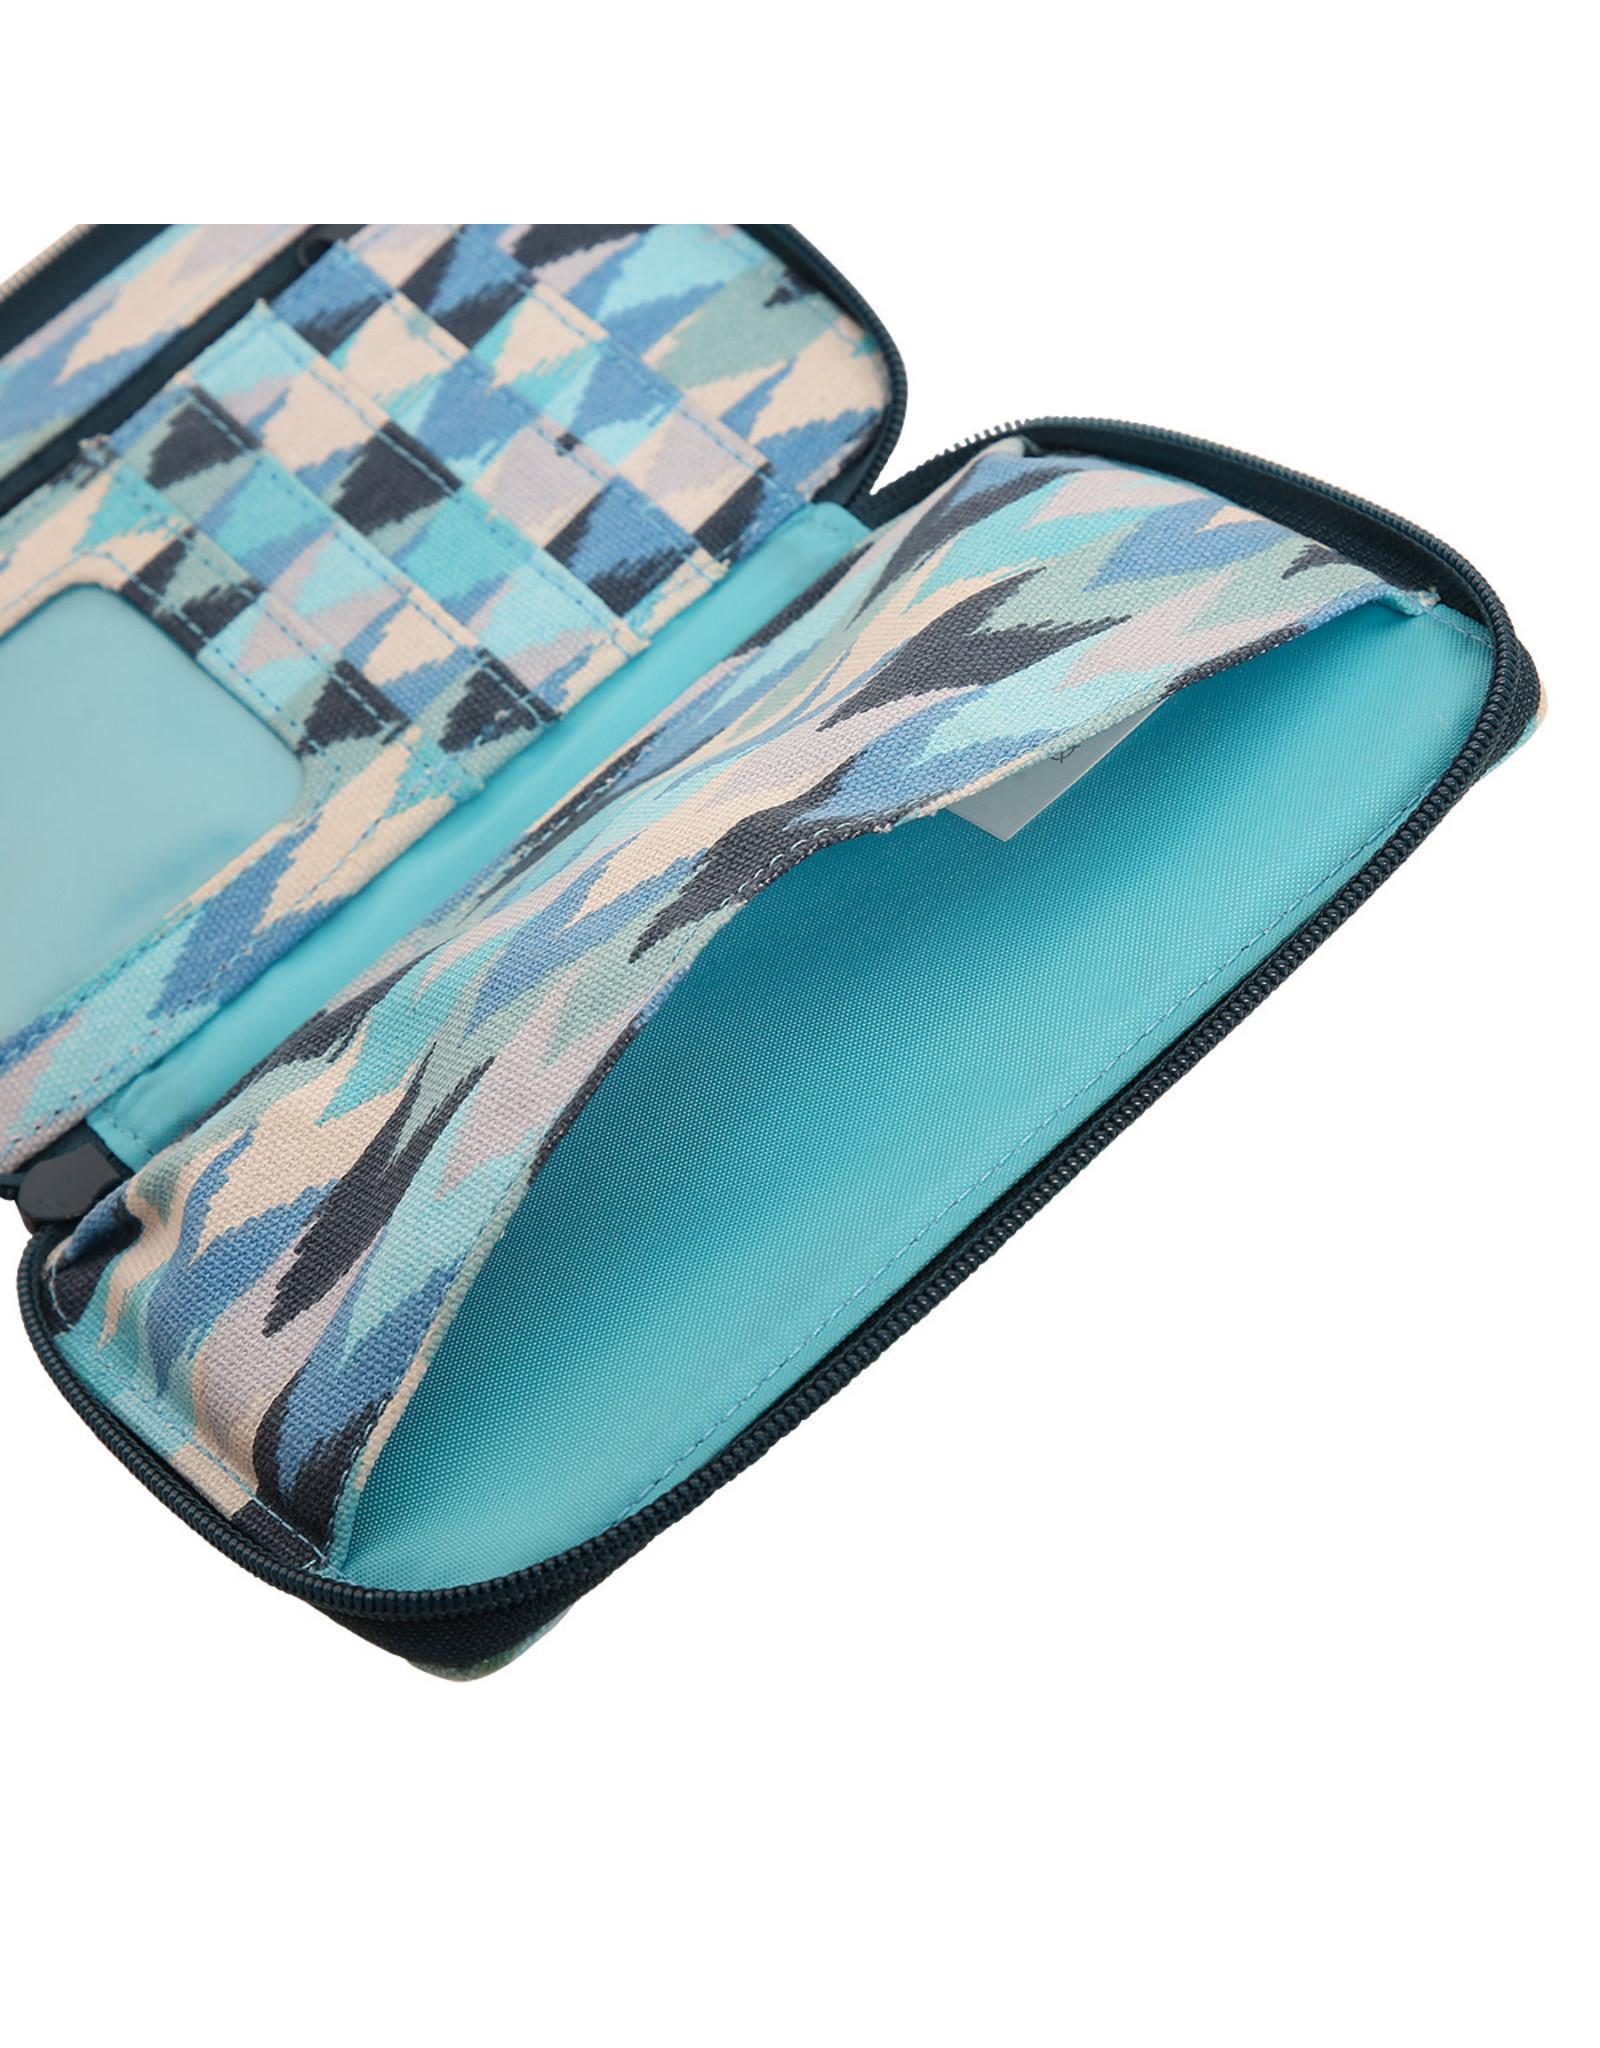 Kavu Go Time - Blue Palette